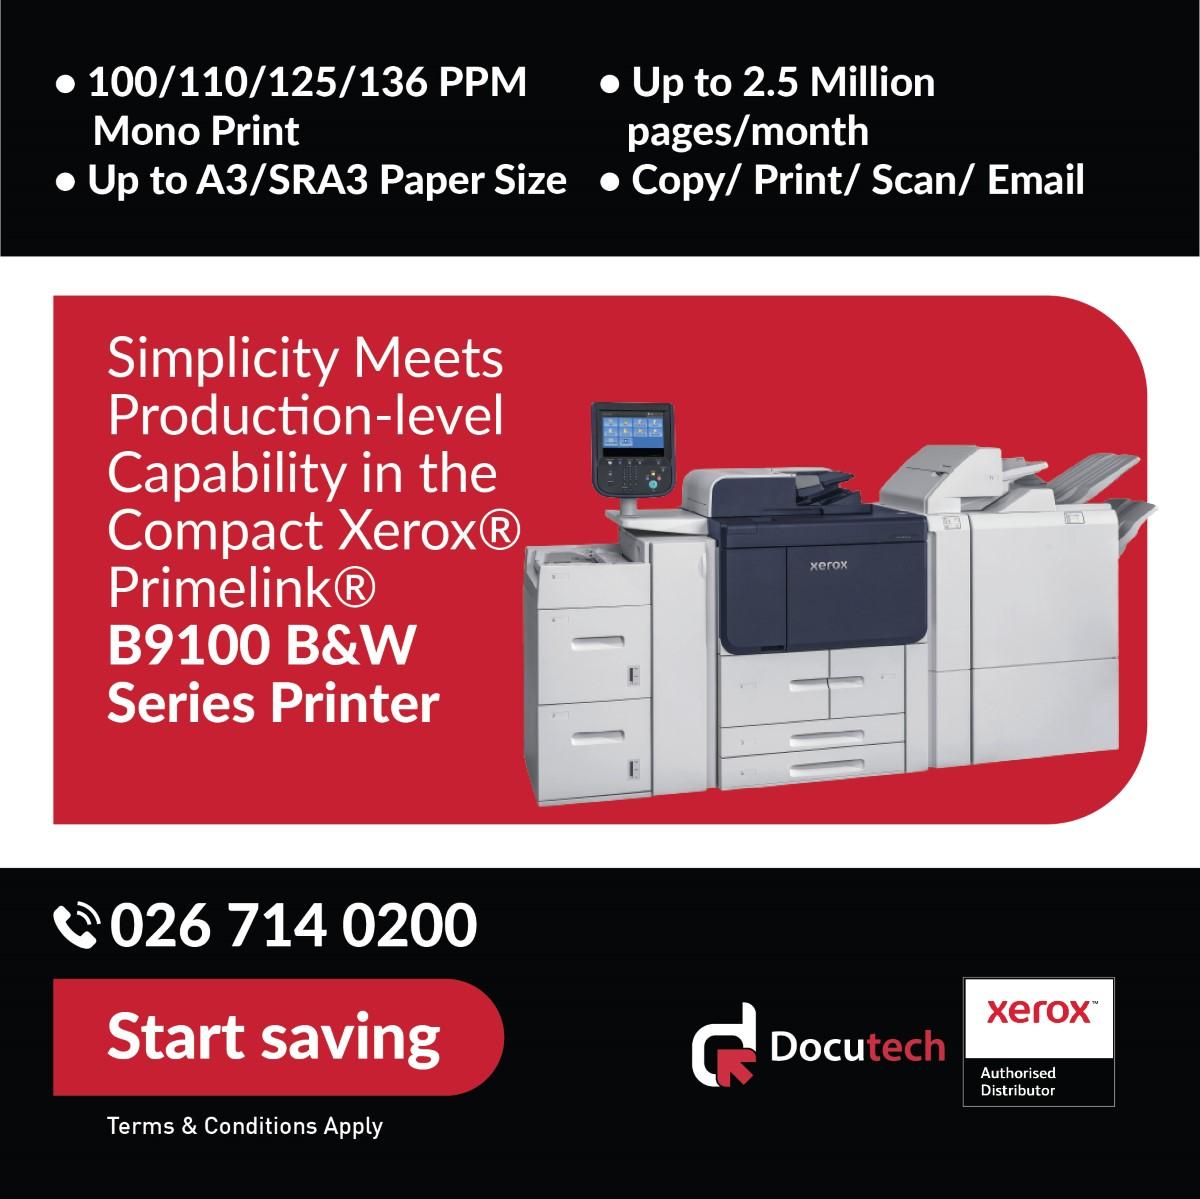 Xerox April 2021 Promo-10